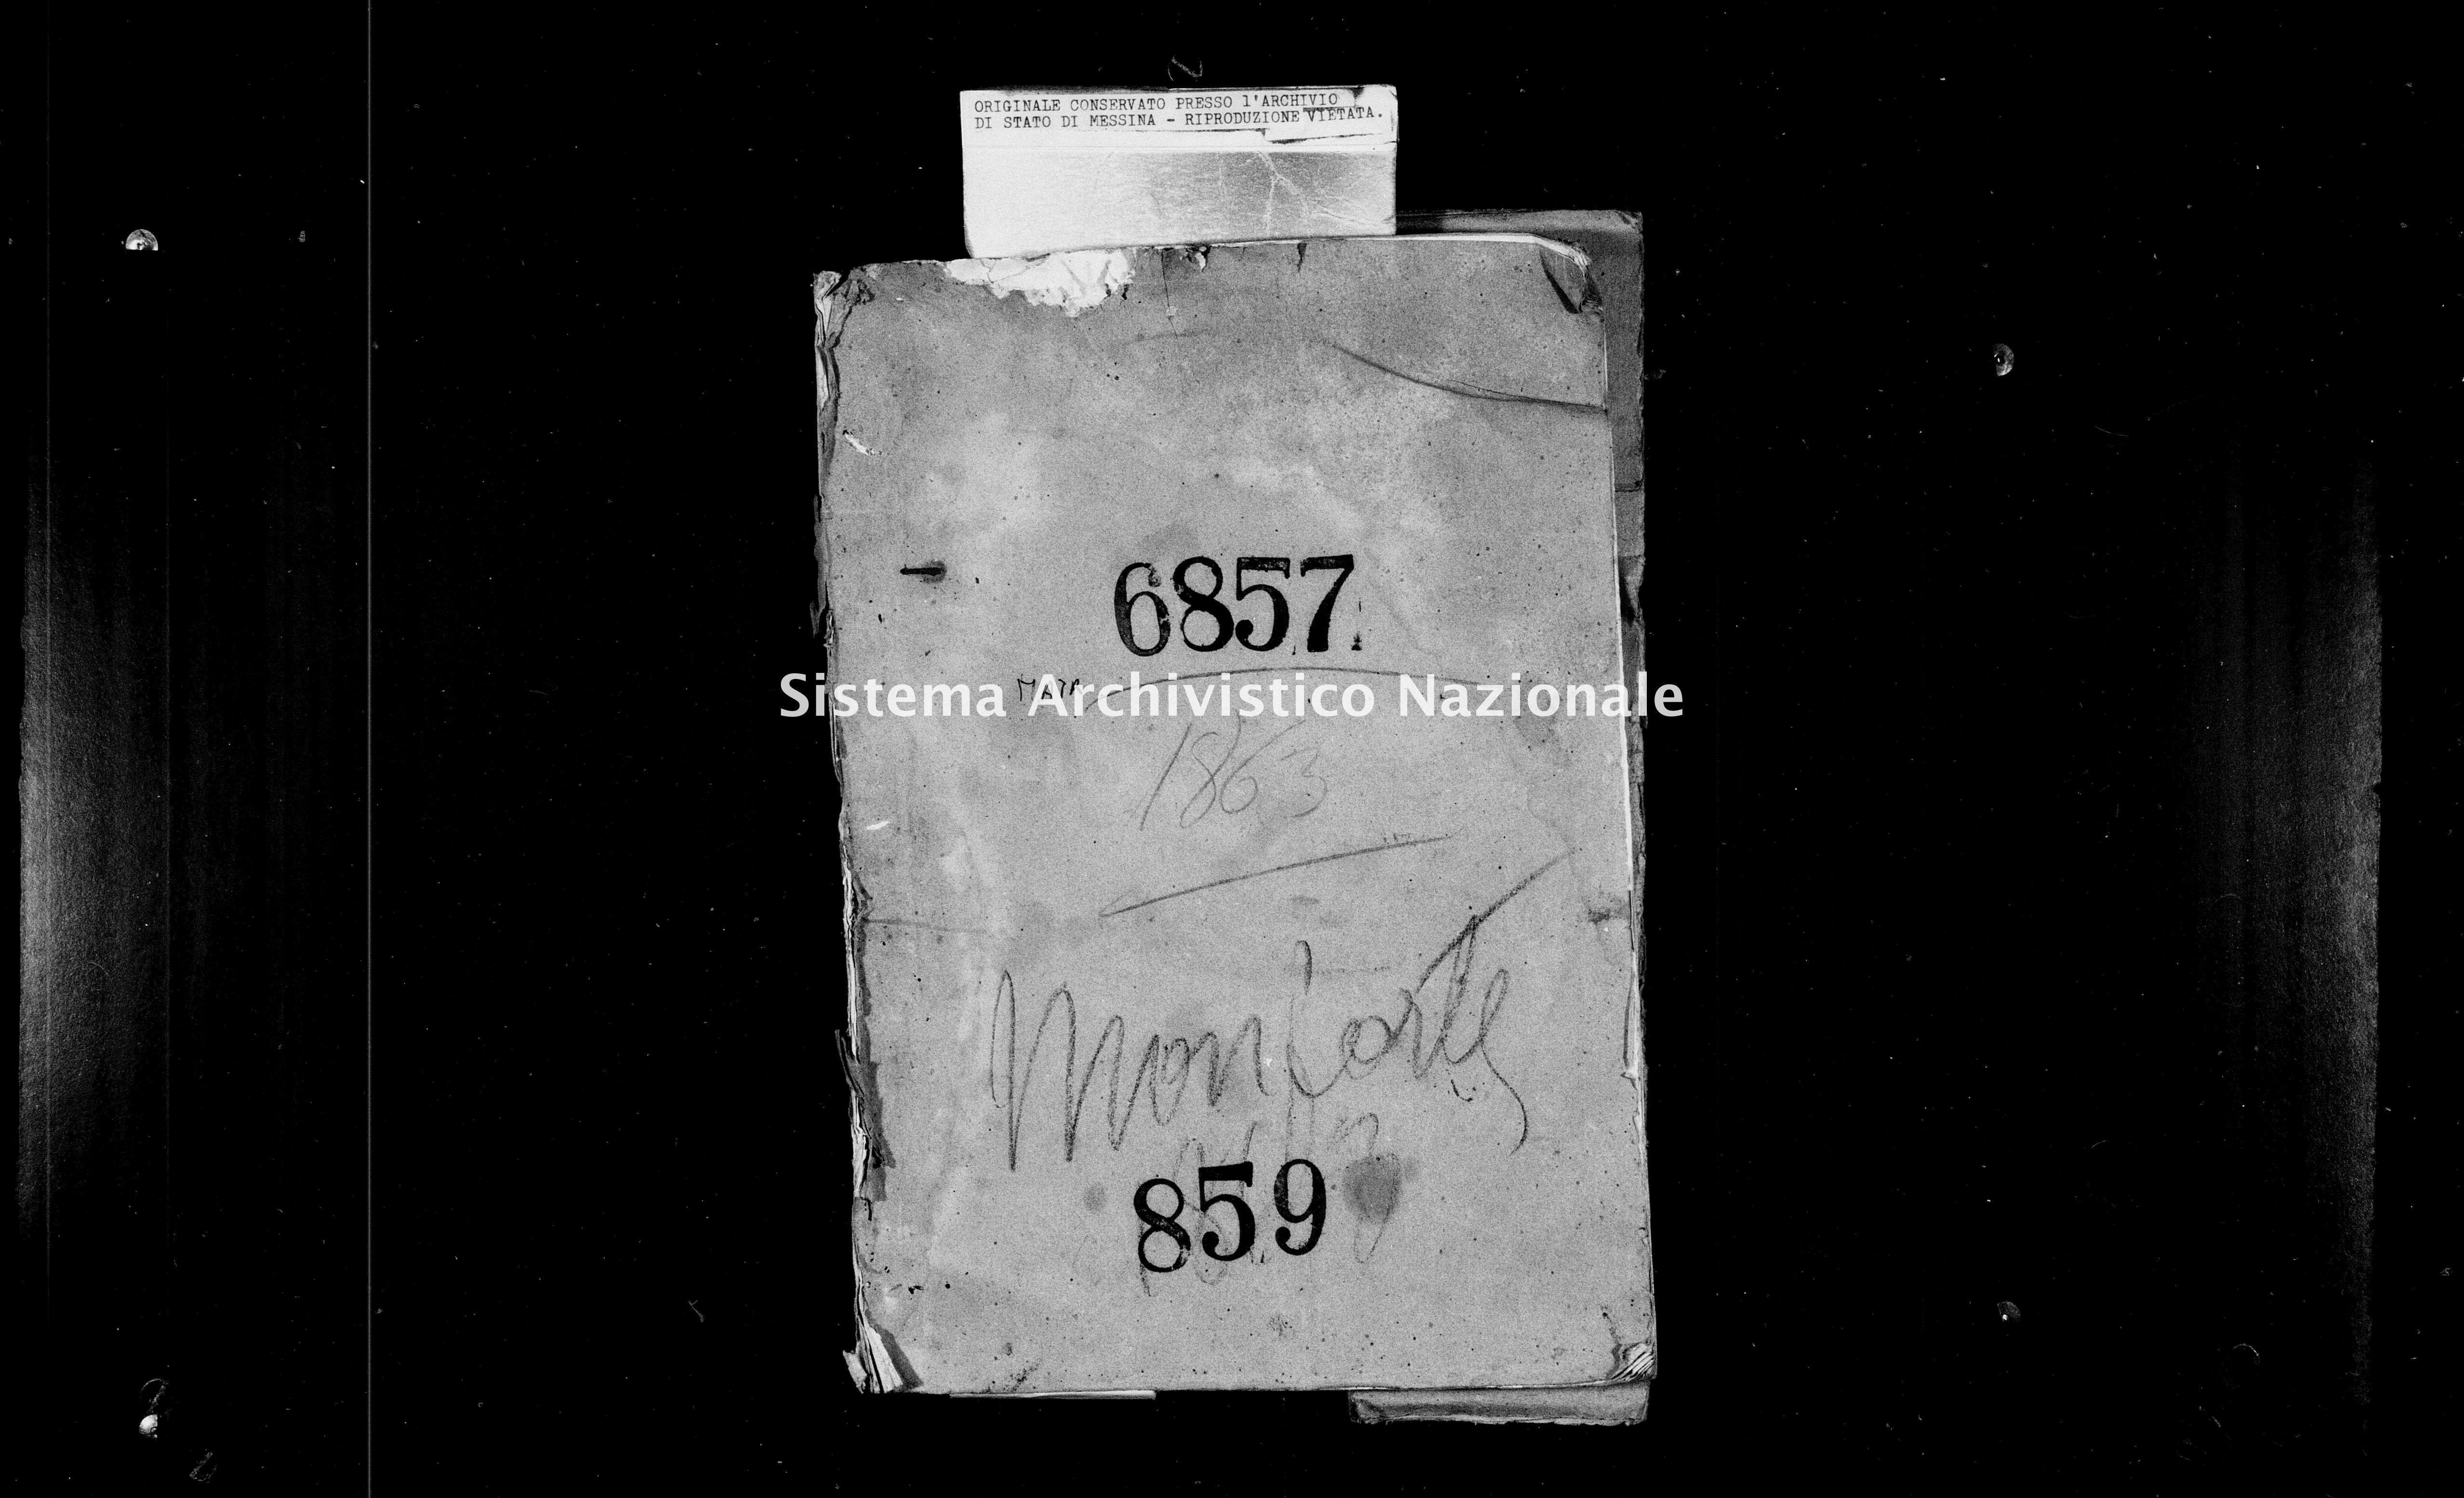 Archivio di stato di Messina - Stato civile italiano - Monforte - Matrimoni - 1863 - 859 -